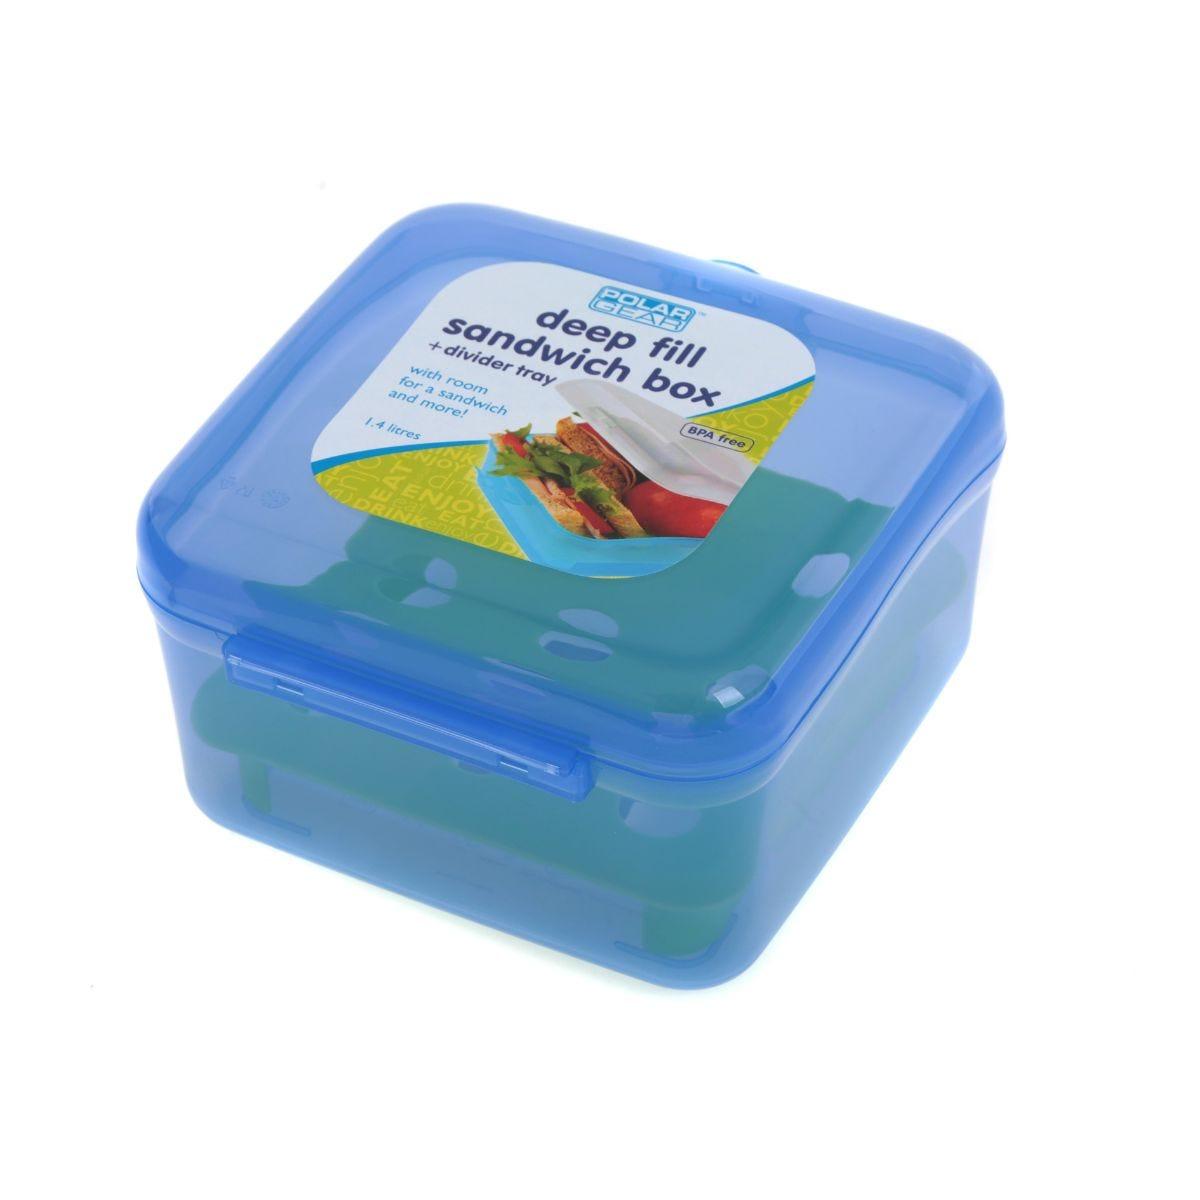 Polar Gear Sandwich Box Deep Fill 1.4Litre Blue and Green, Blue/Green.